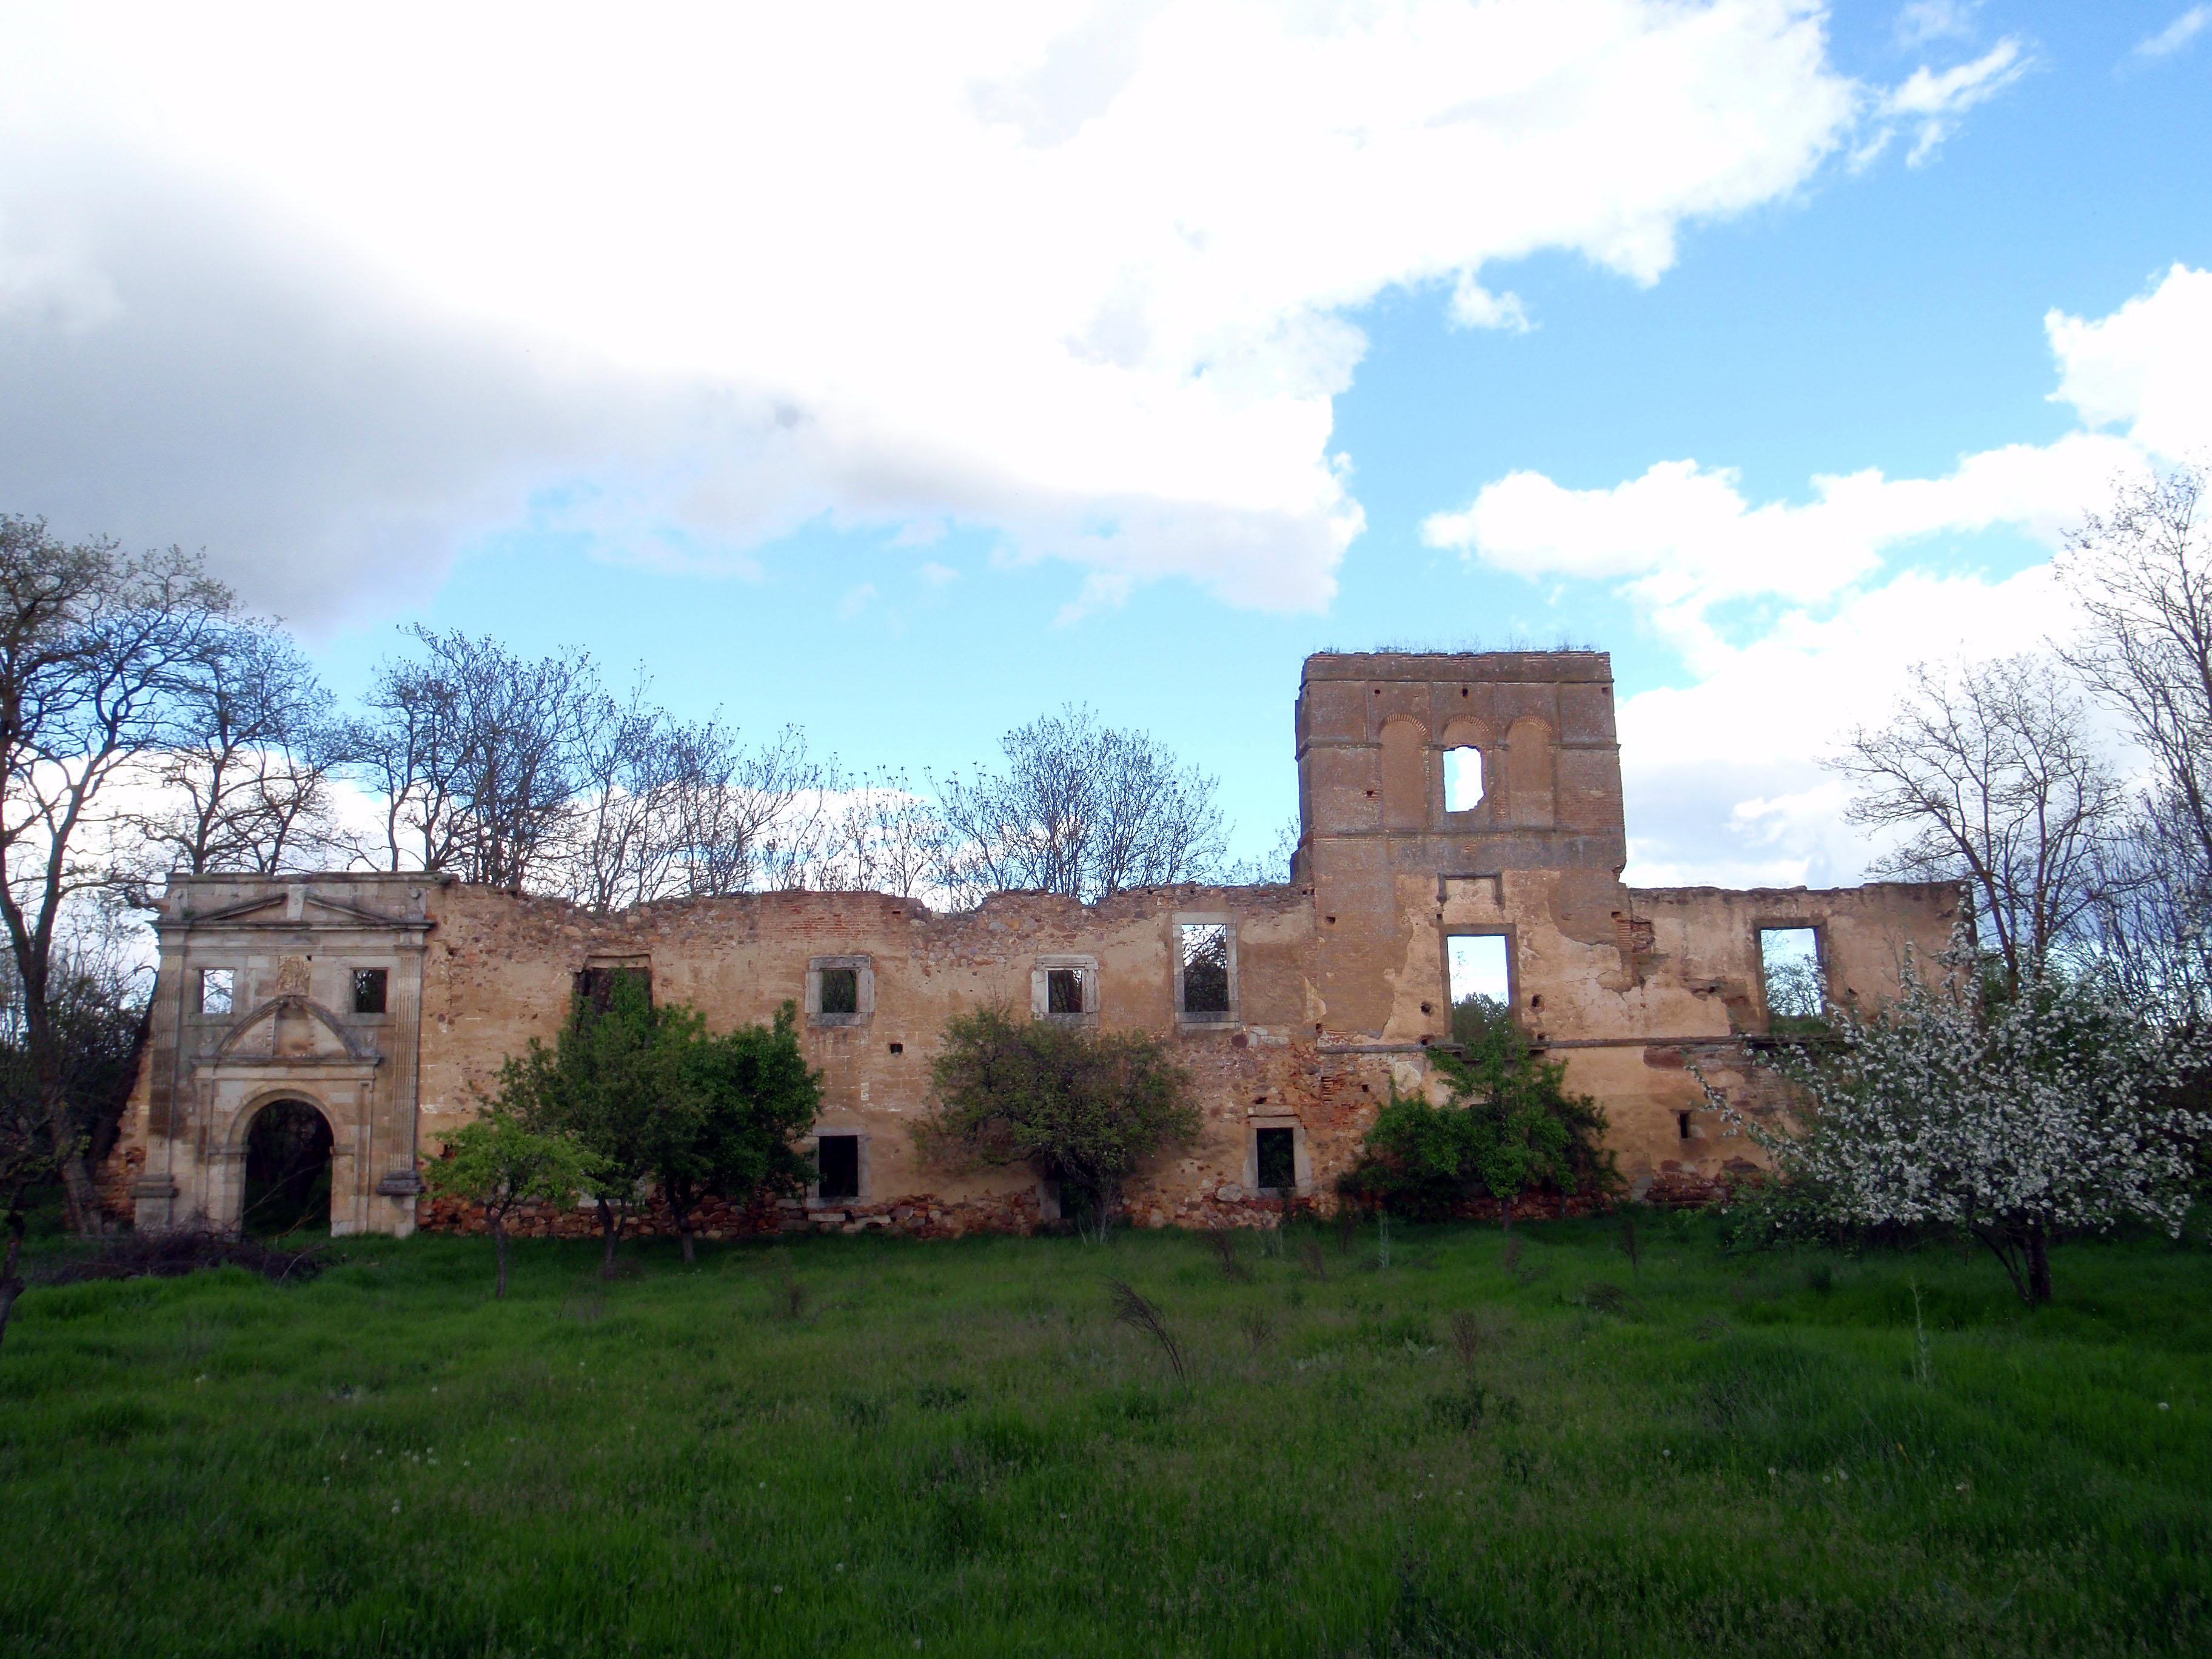 Sancha Ponce de Cabrera